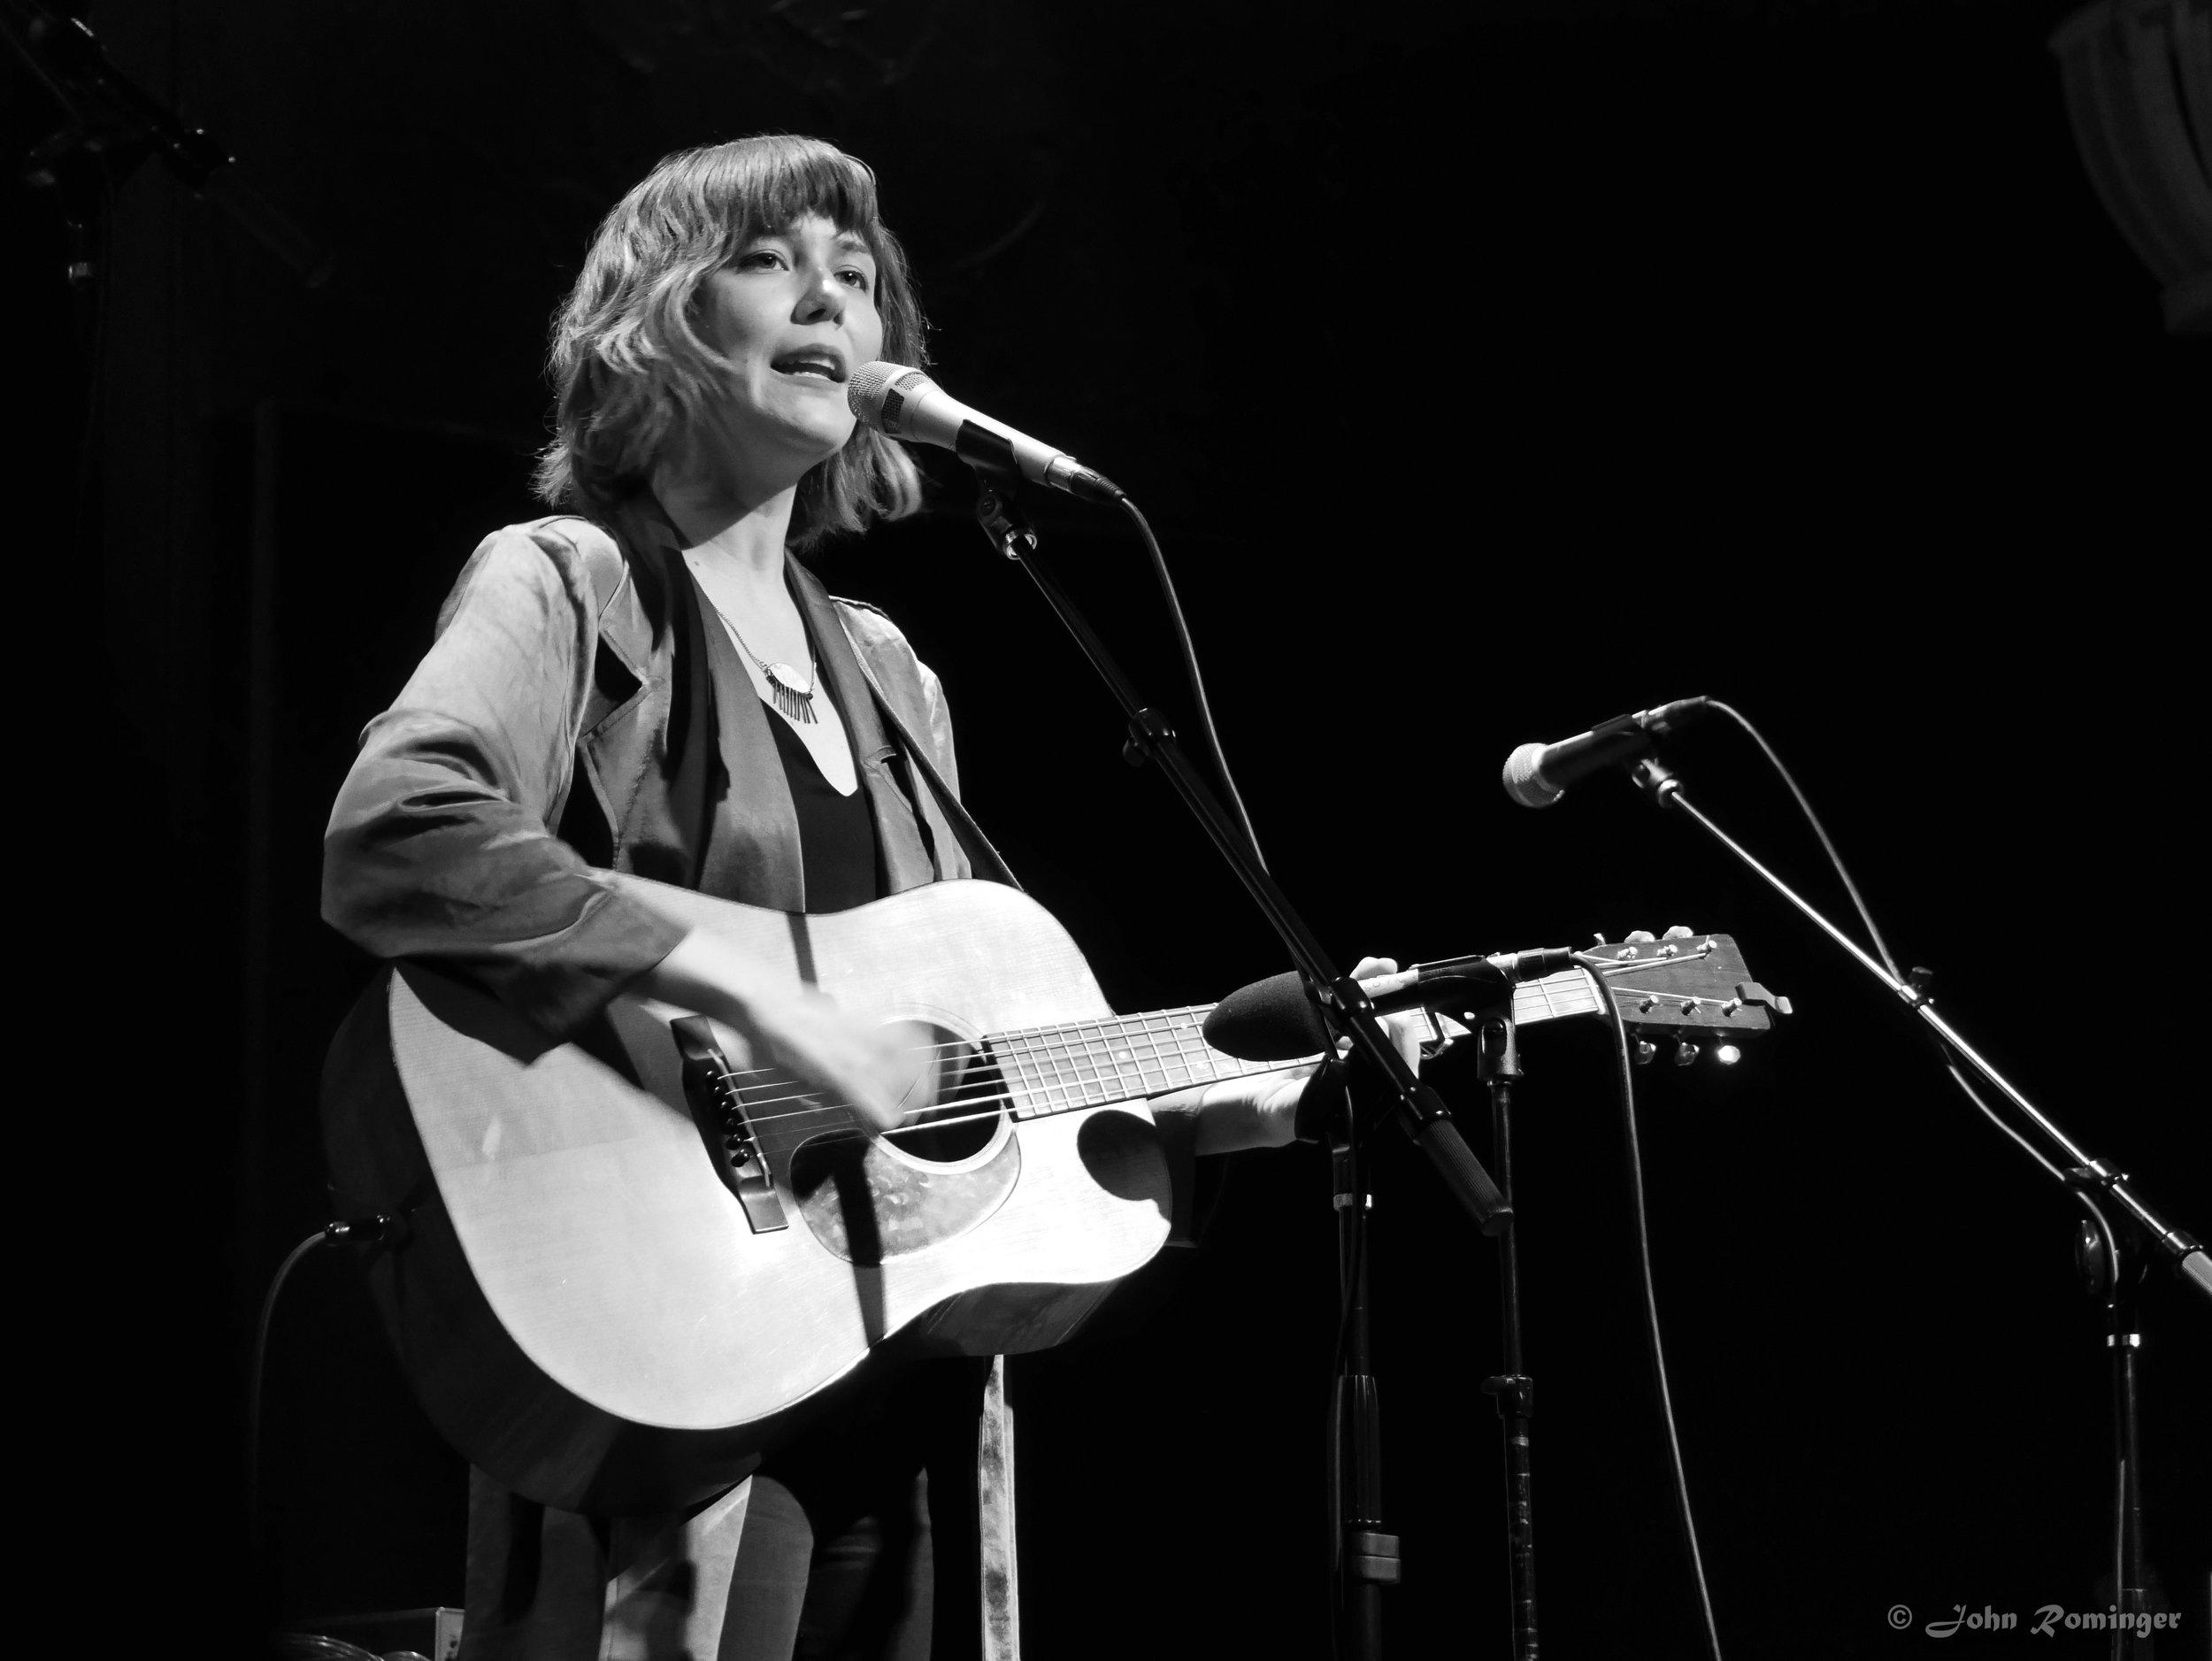 Molly Tuttle (by John Rominger)